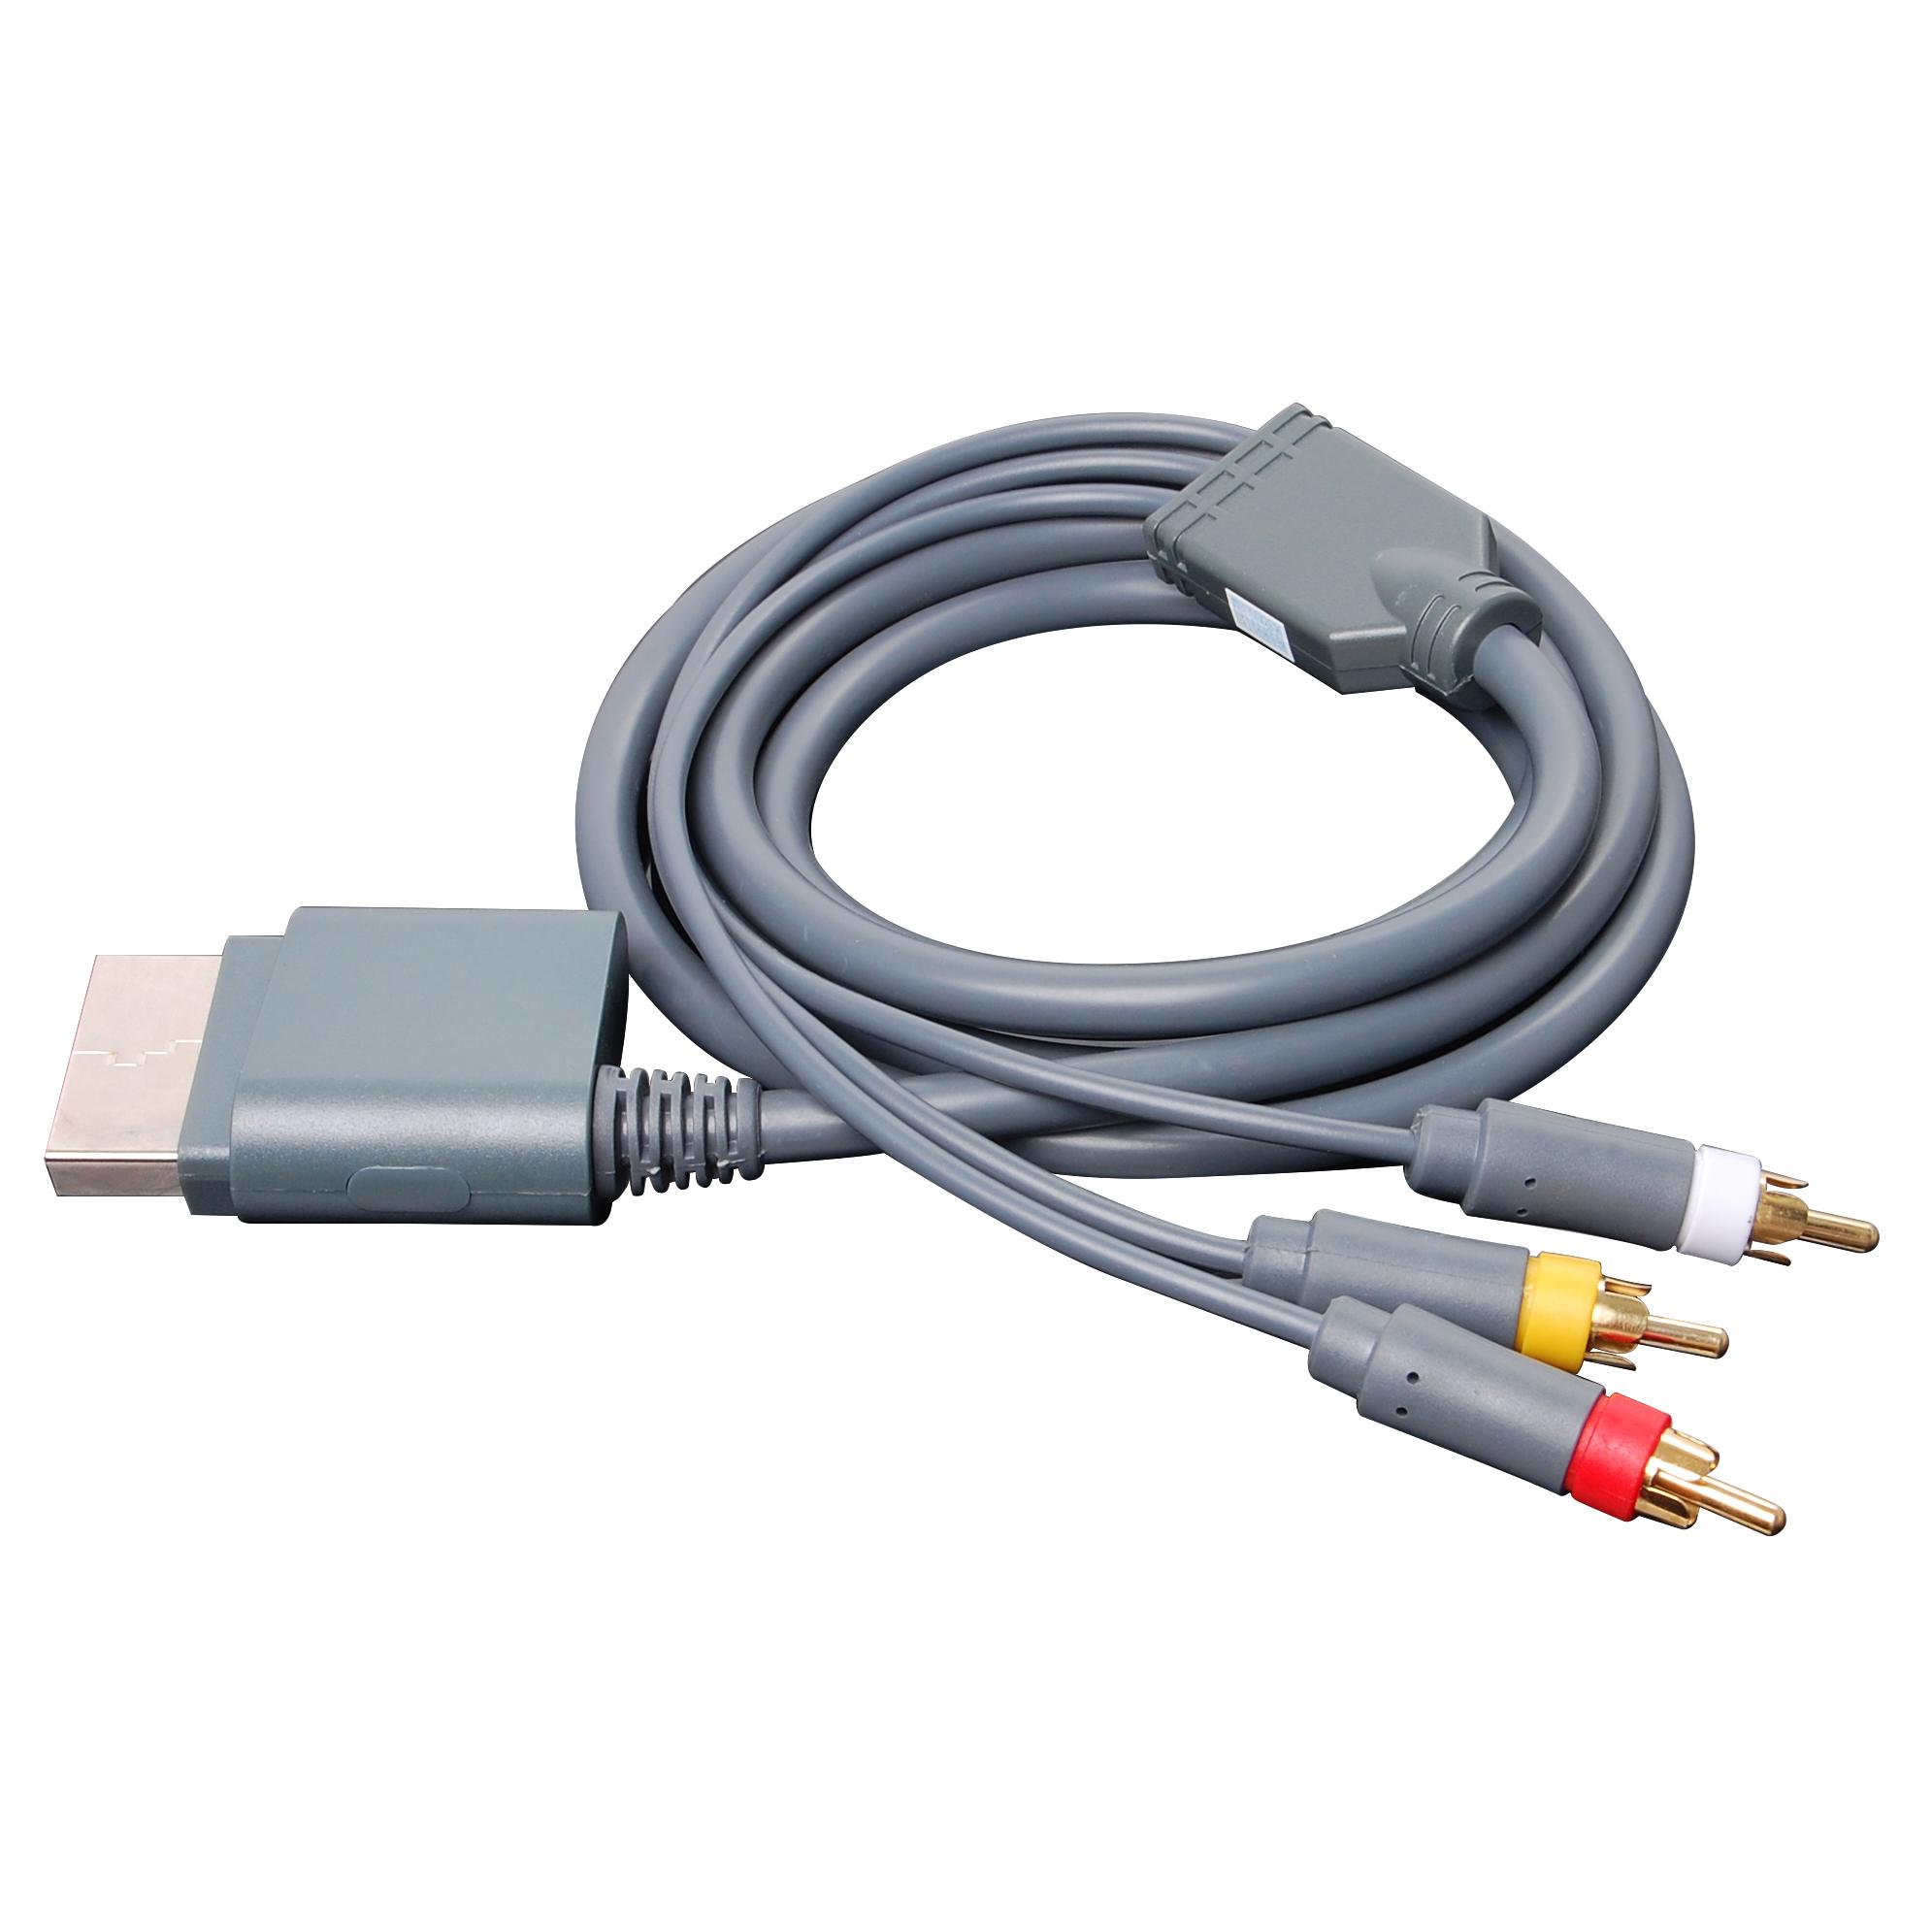 Eastvita® Av Cable for Xbox 360